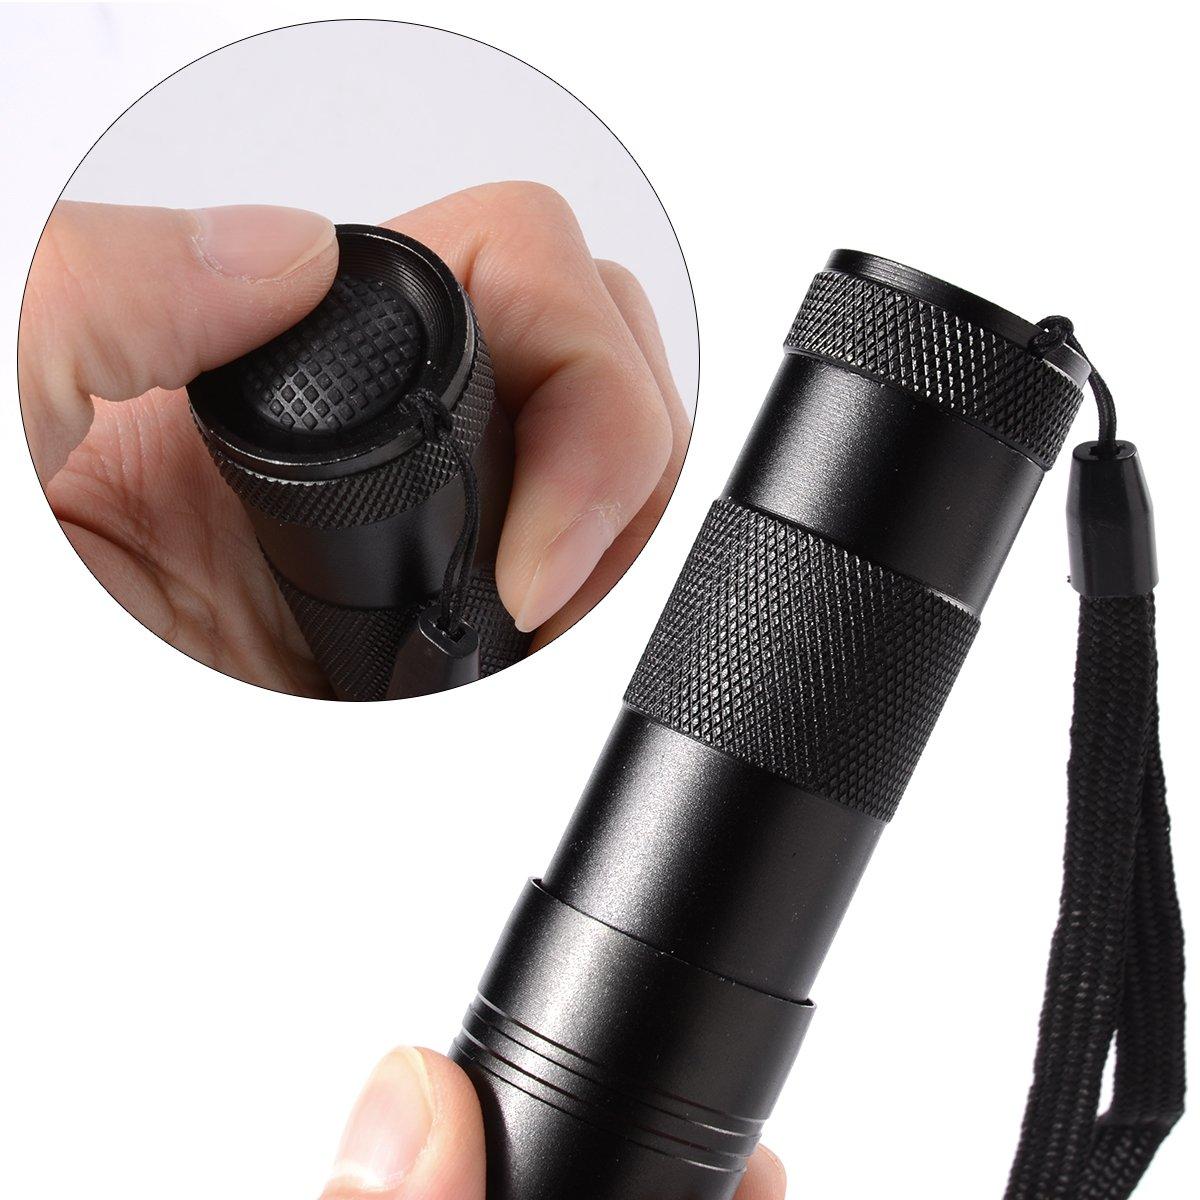 Xcellent Global linterna de luz negra UV Detector ultravioleta de orina de mano de la antorcha: Amazon.es: Electrónica